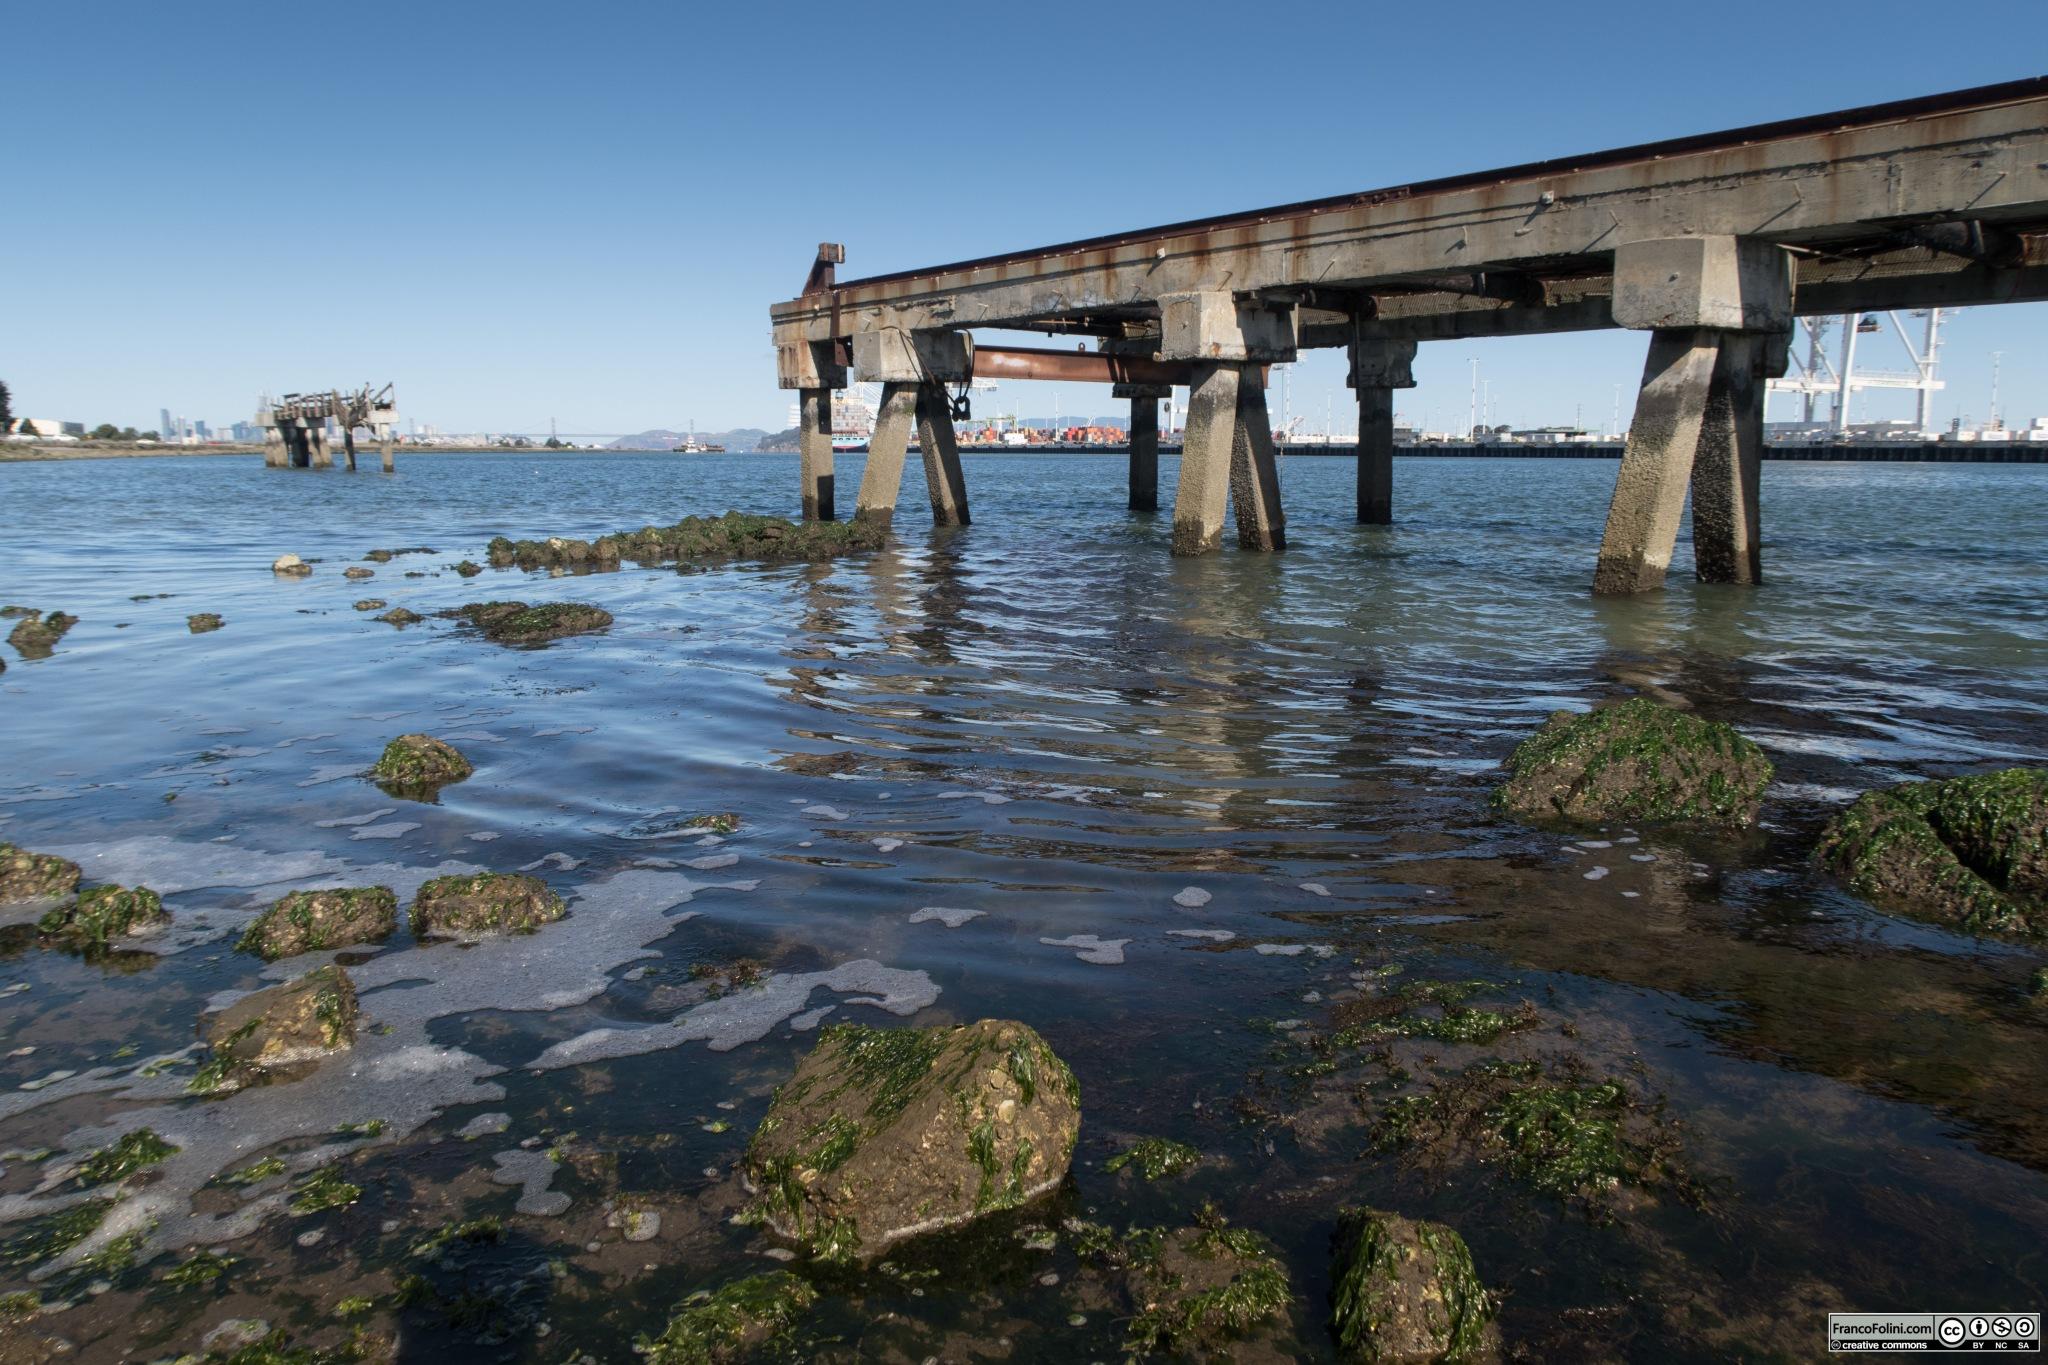 Il canale che separa Oakland e Alameda. In origine Alameda era una penisola, ma lo scavo del canale ne ha fatto un'isola.